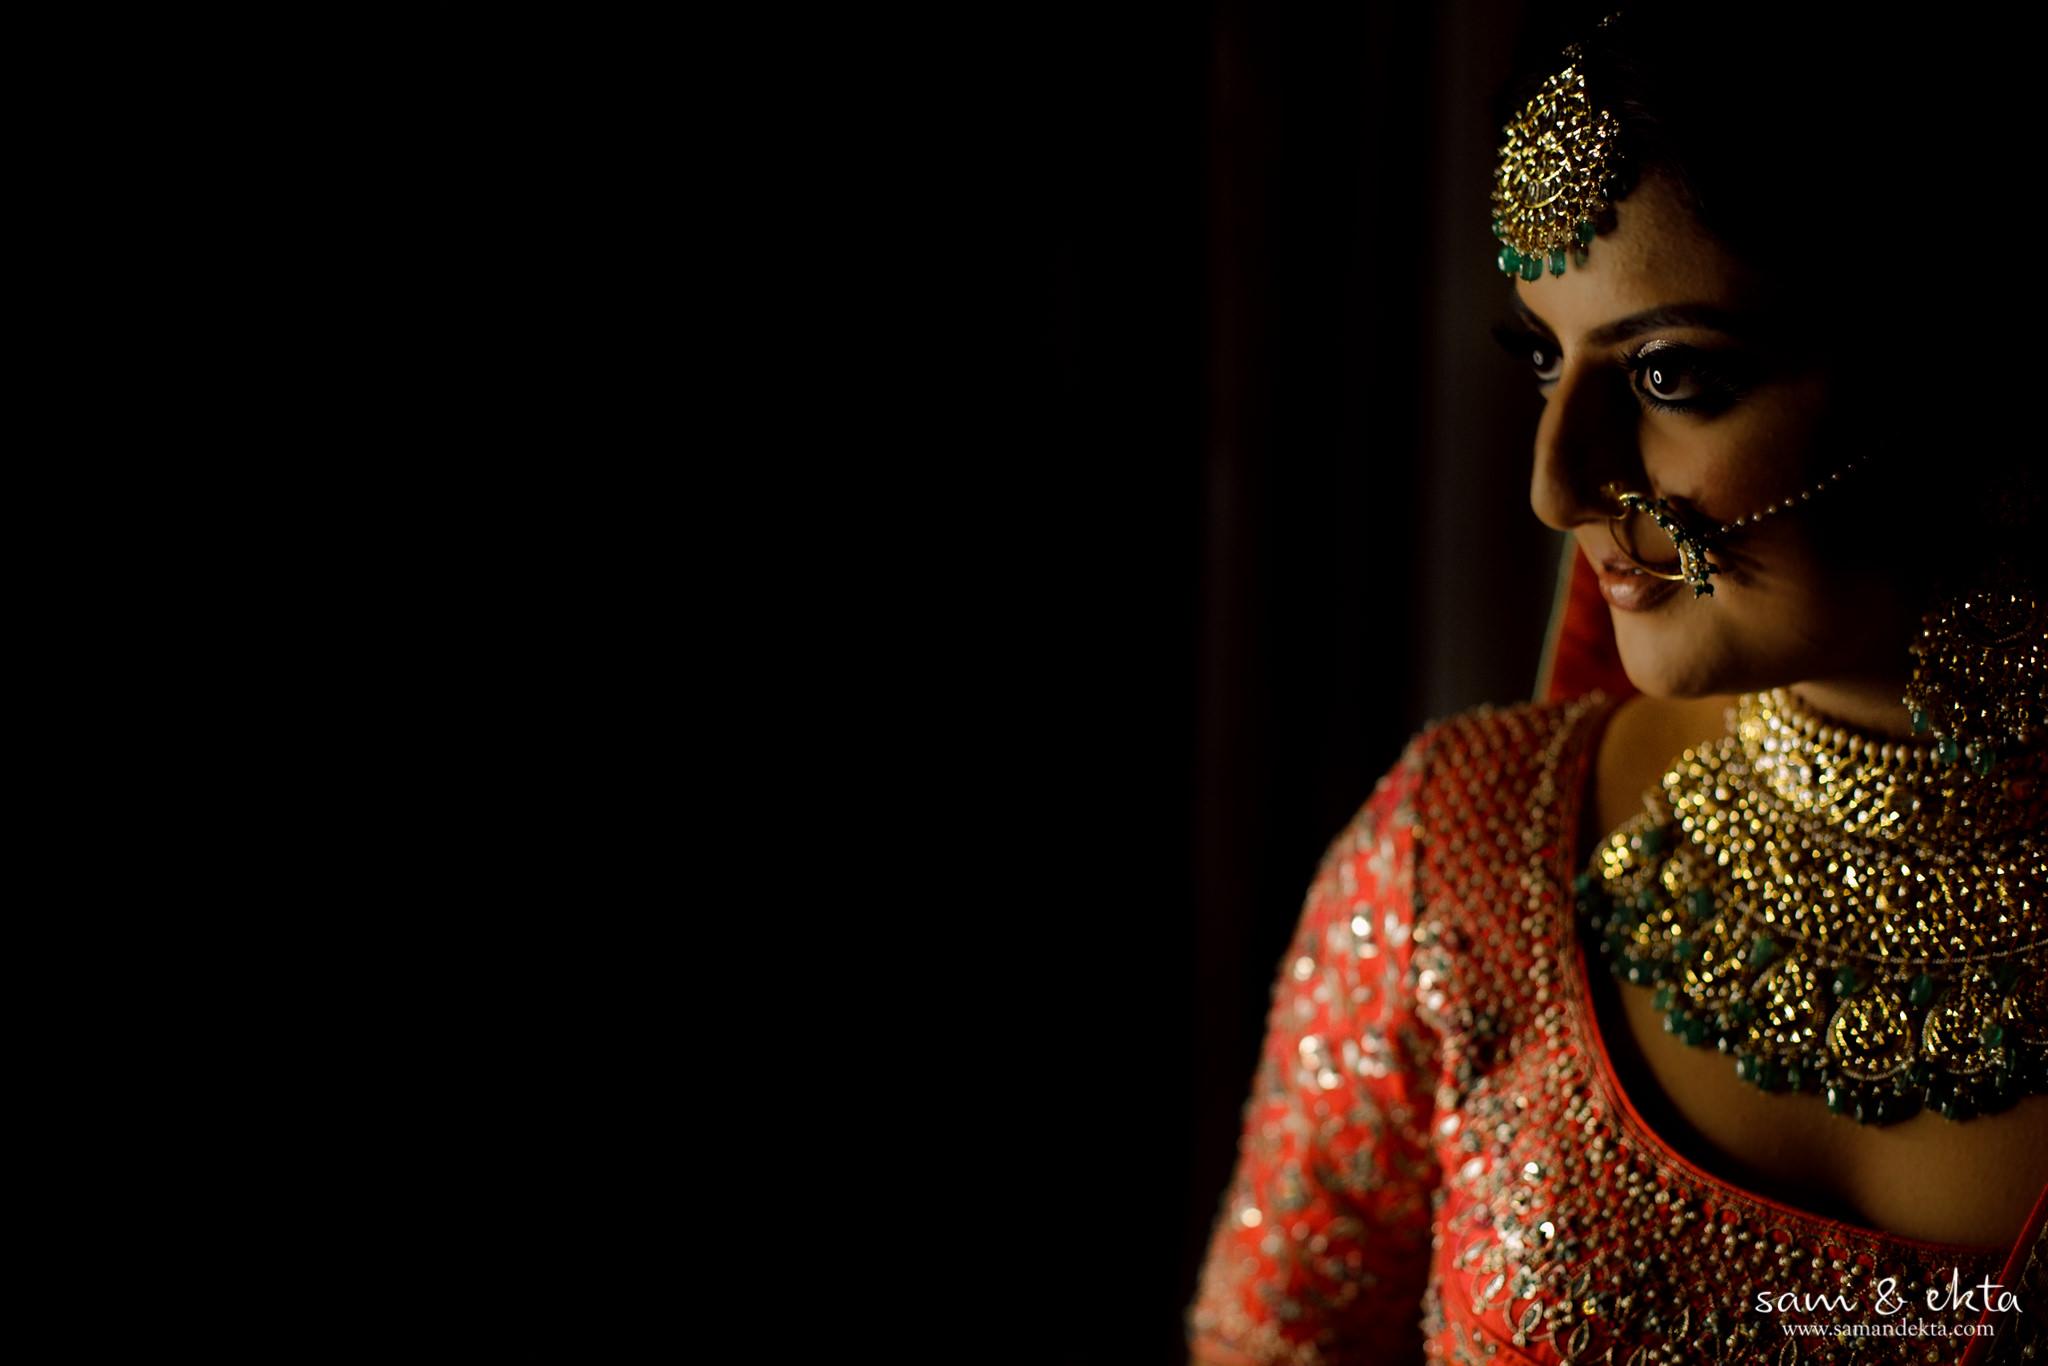 R&R_Marriott Jaipur_www.samandekta.com-69.jpg